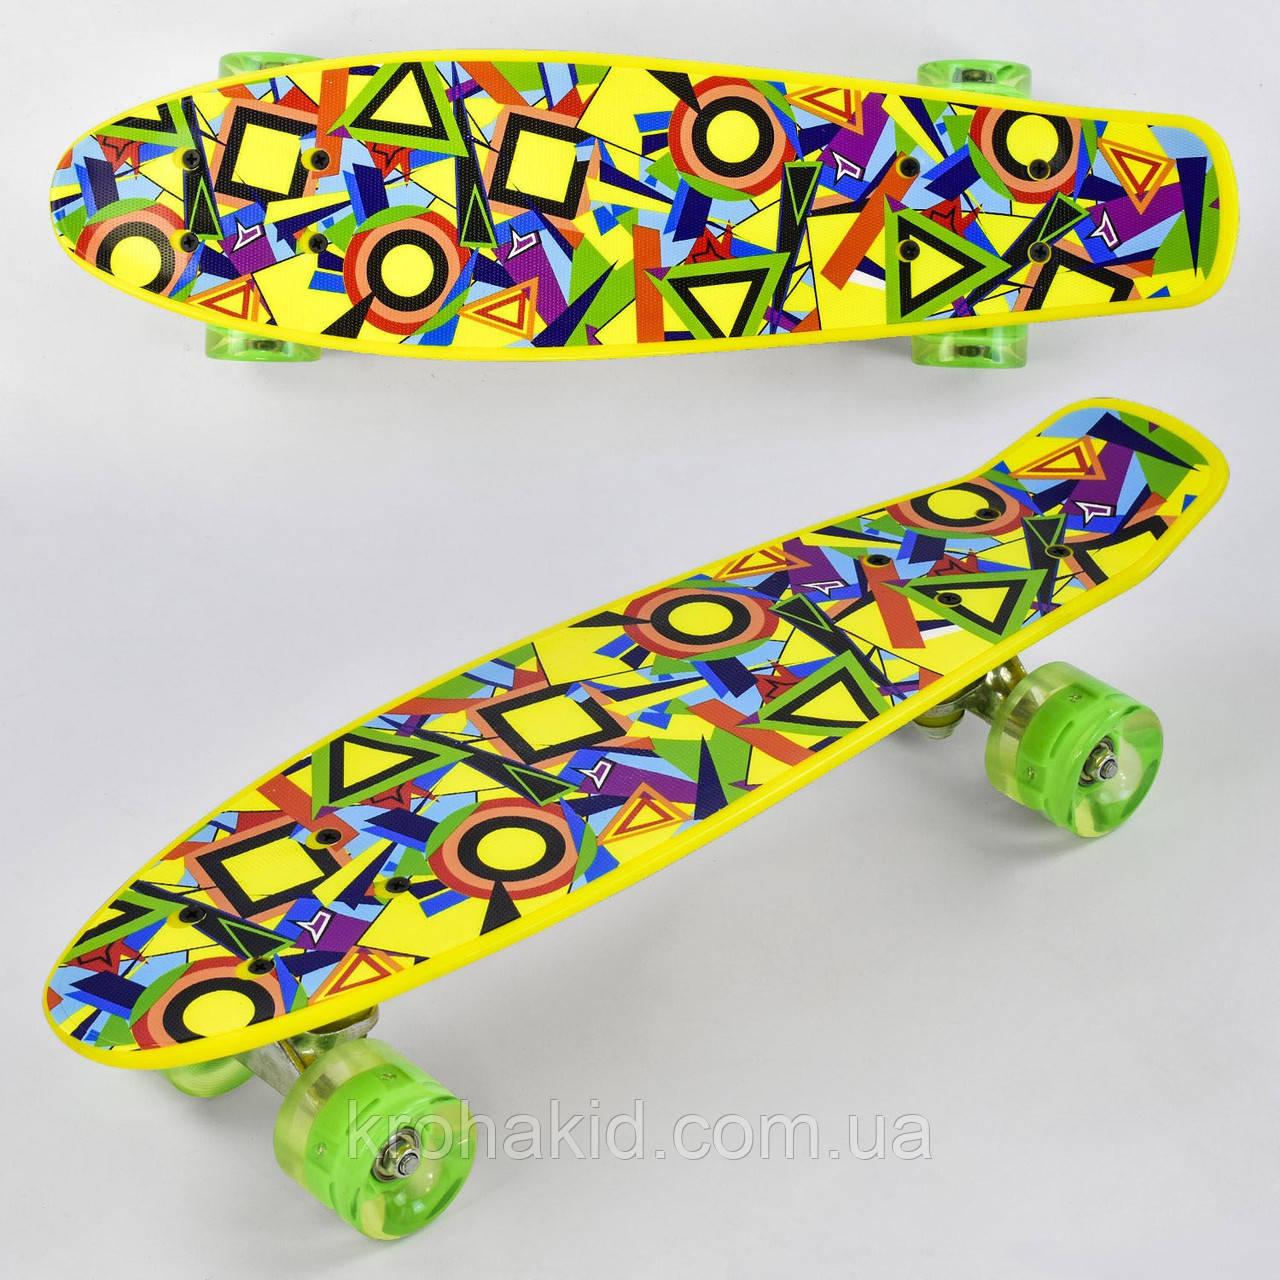 Скейт Пенні борд (Penny Board) Best Board зі світними колесами, дошка=55см, колеса PU d=6см